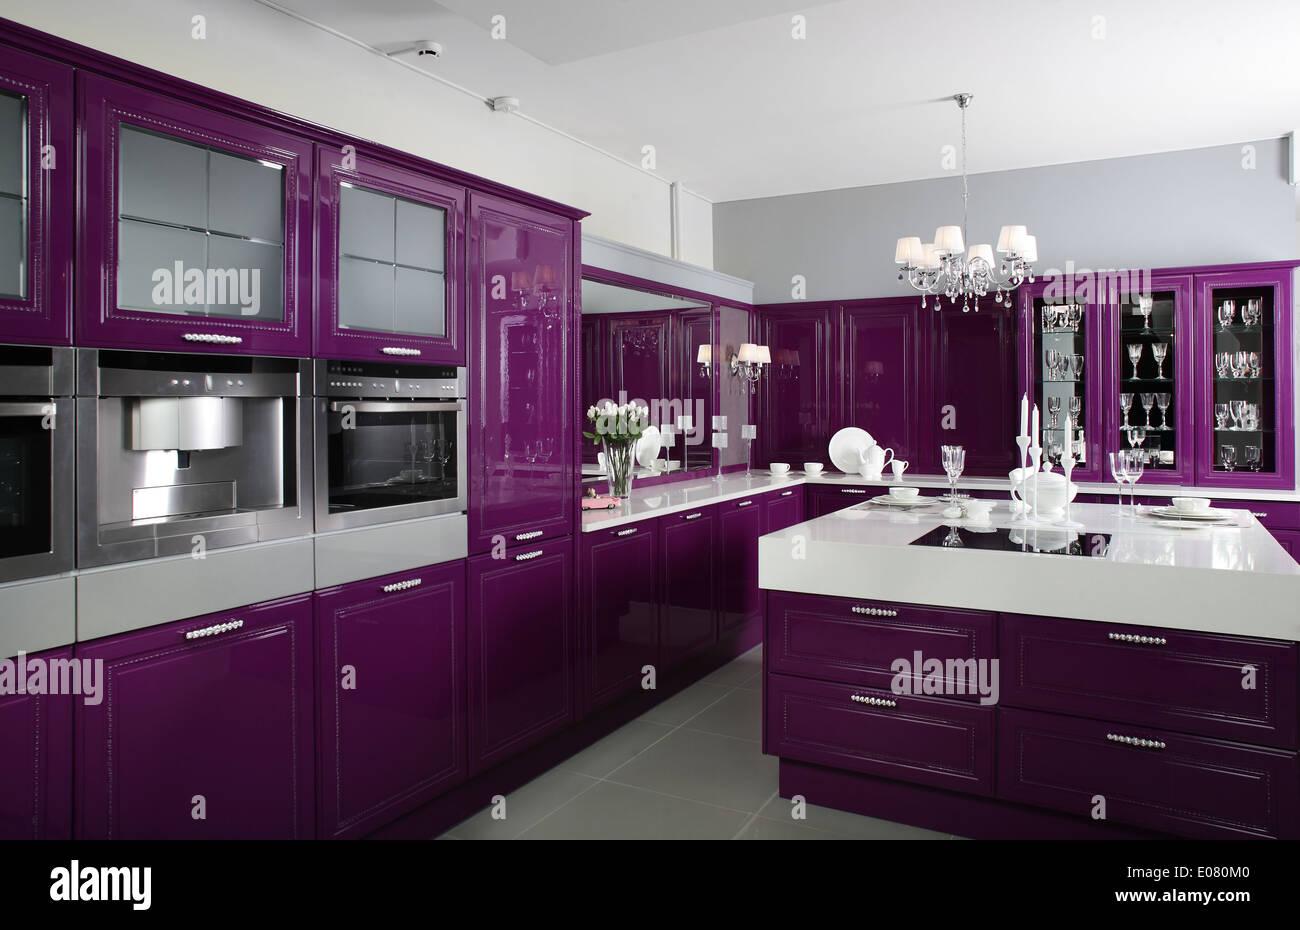 Best Kitchen Gallery: Luxury Purple Kitchen Interior With Modern Furniture Stock Photo of Purple Kitchen Interior Design on rachelxblog.com